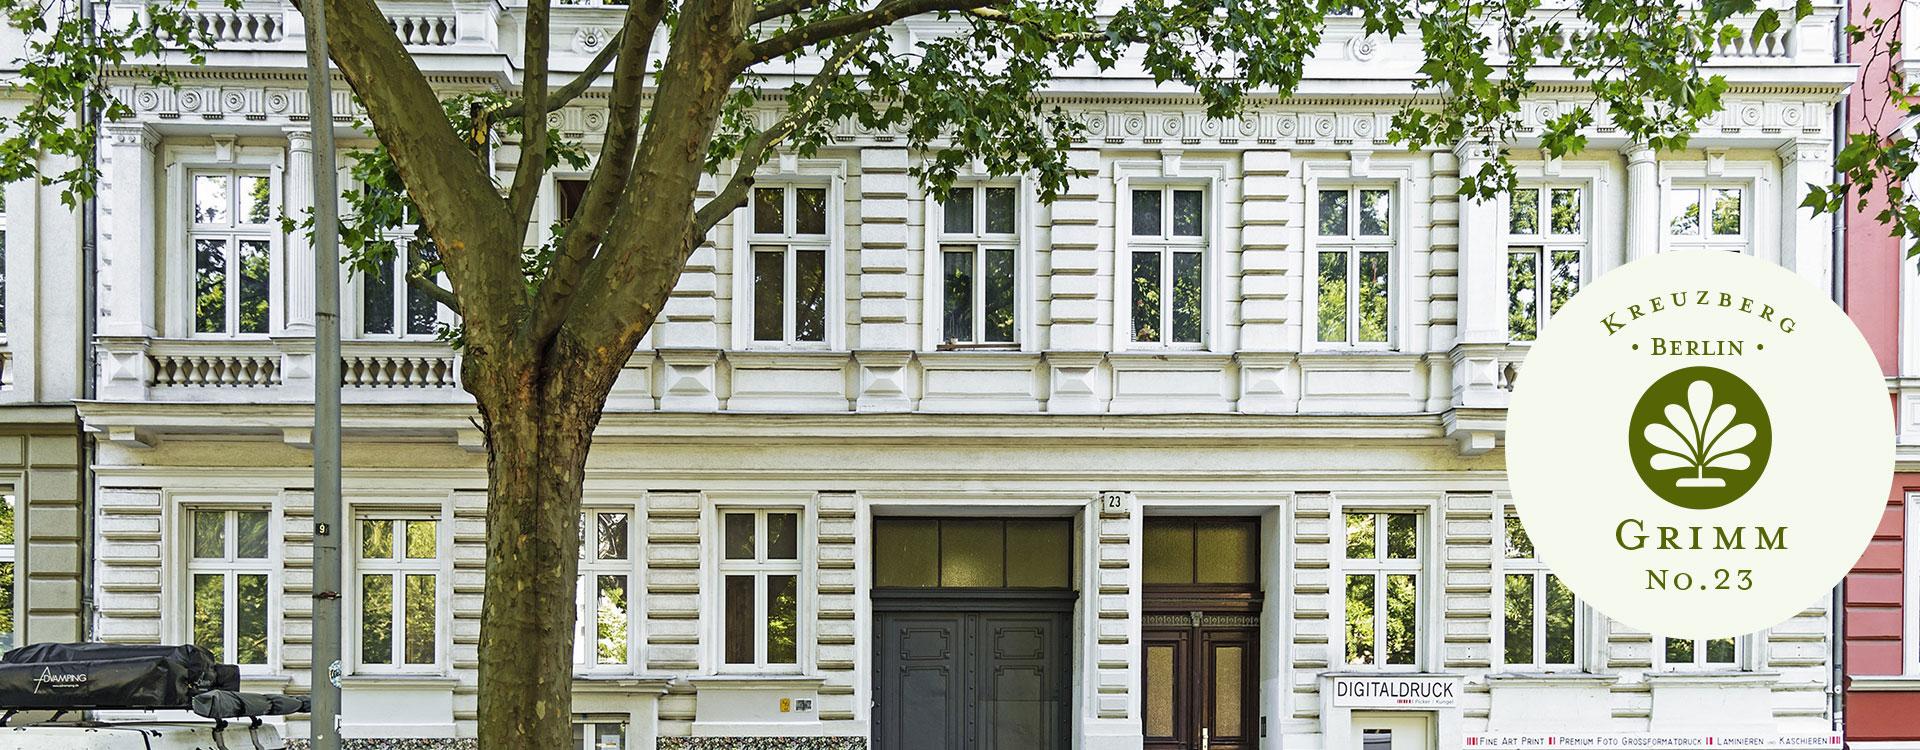 Grimm23: Wohnungen in Kreuzberg kaufen